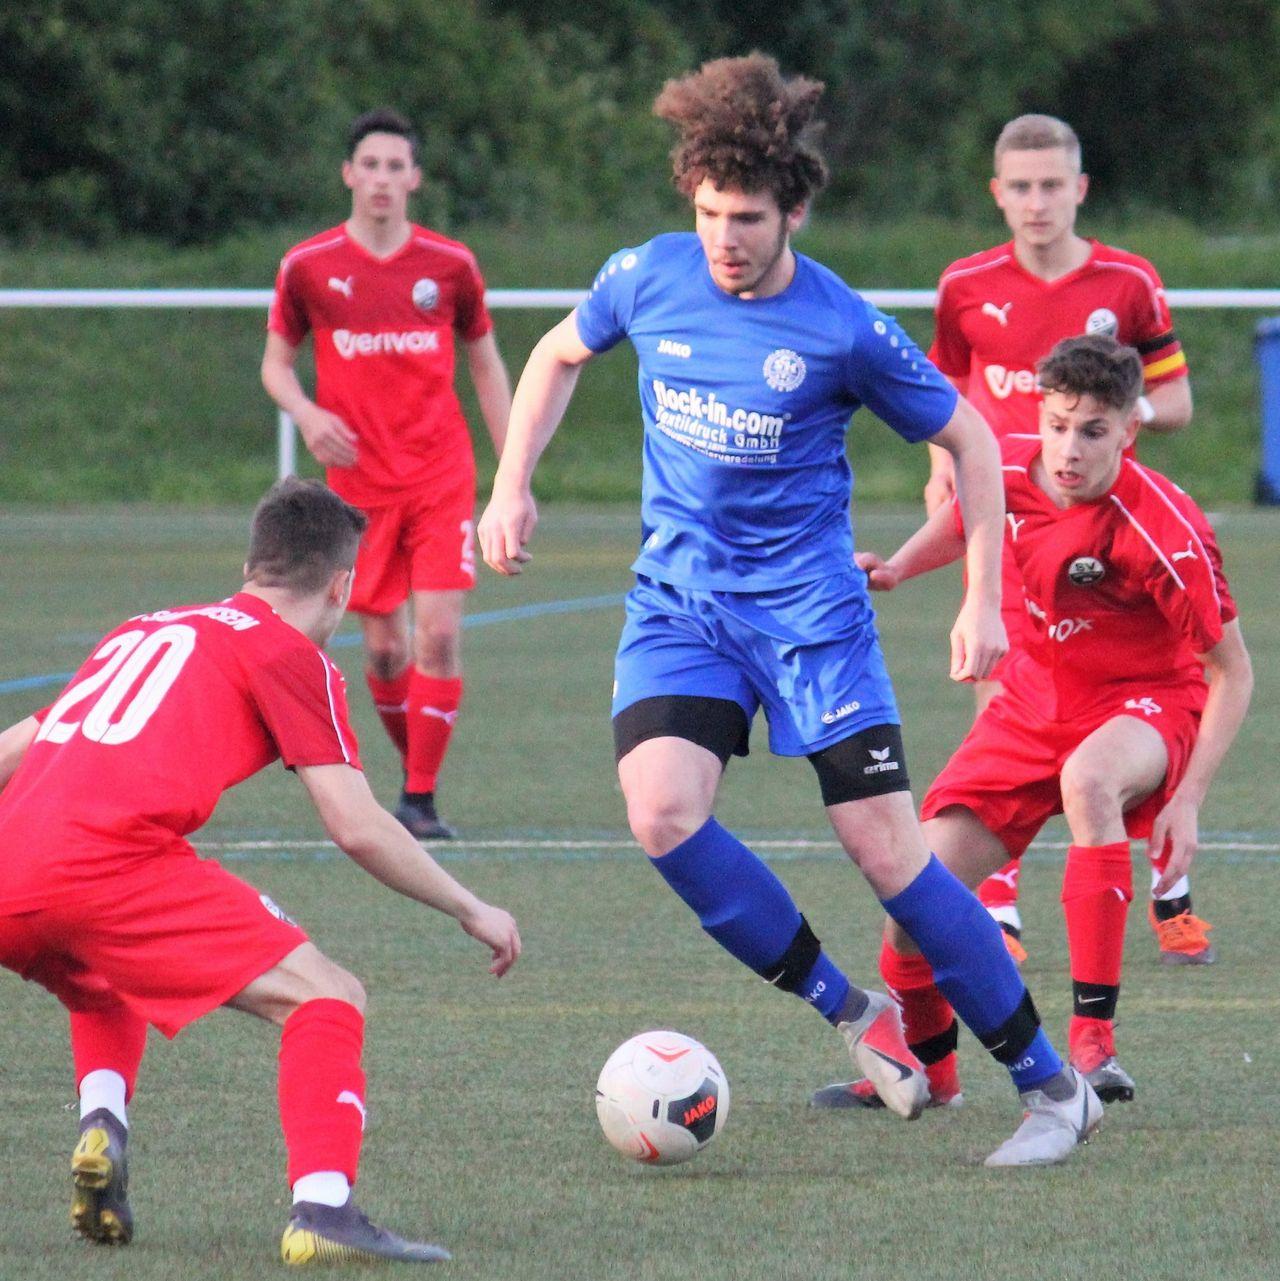 Marius Klein spielte sich bei der Sportgemeinschaft SG Heidelberg-Kirchheim durch alle Jugendteams hoch bis in die 1. Mannschaft. (Bild: Anpfiff ins Leben e.V.)